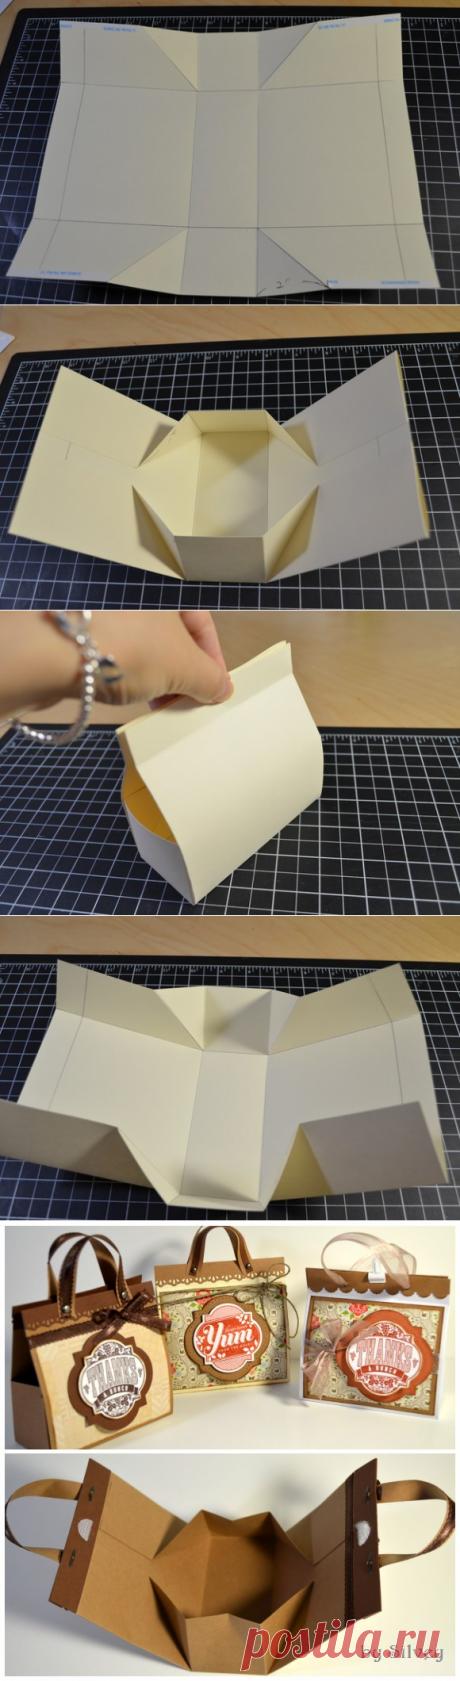 Мини-сумочка — идея для подарочной упаковки — Сделай сам, идеи для творчества - DIY Ideas